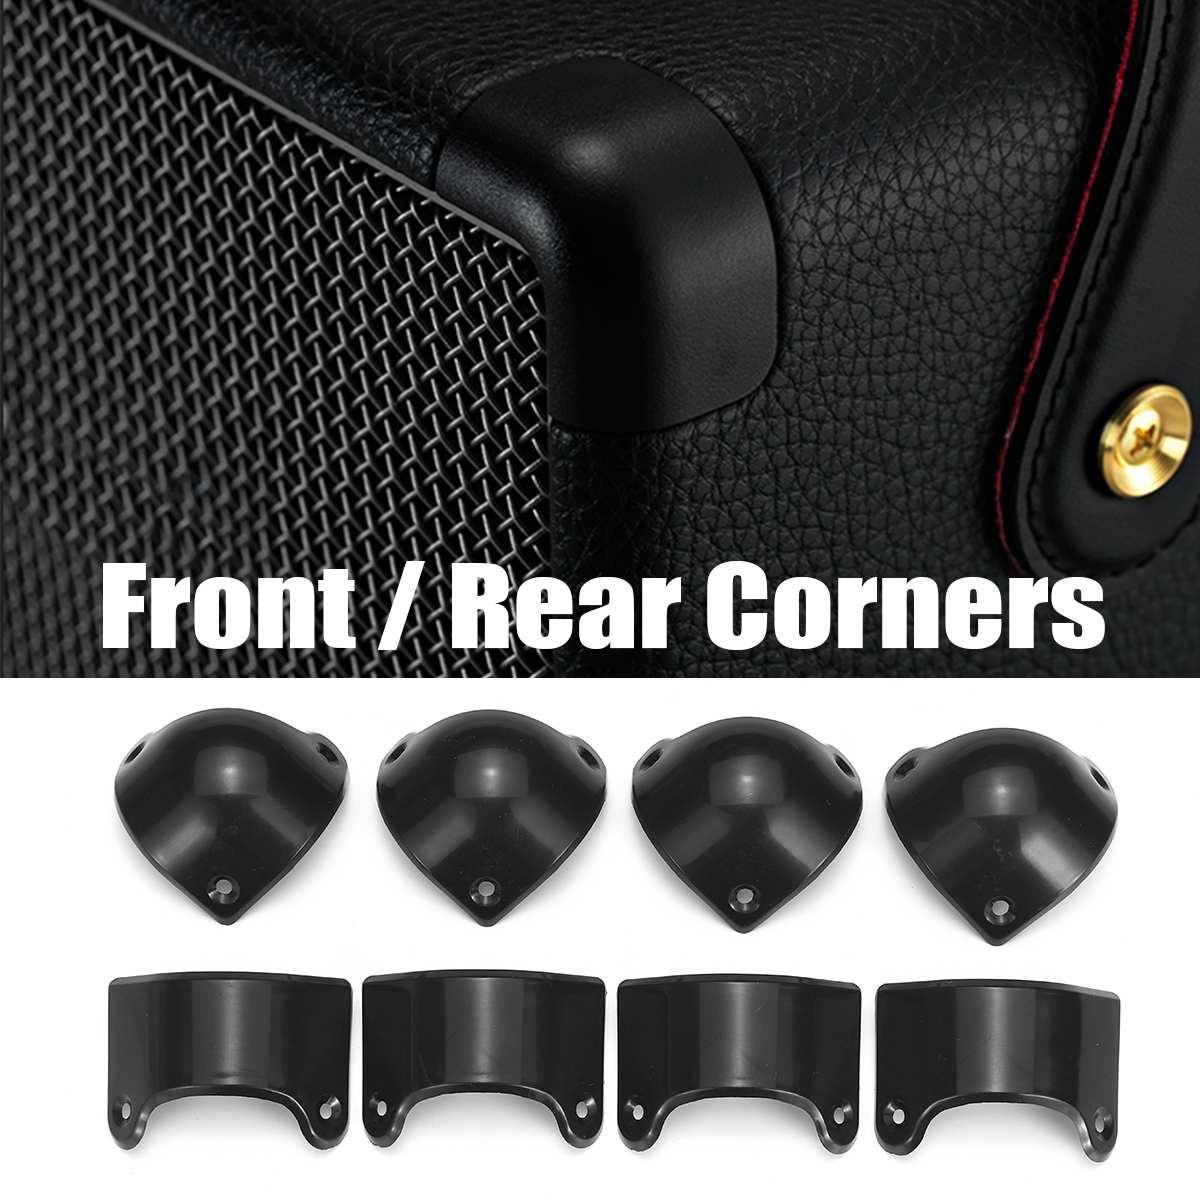 8 pcs 블랙 기타 앰프 스피커 캐비닛 기타 앰프 코너 보호대 마샬 mg 앰프 전면 4 xcorner + 4x 후면 코너, 단일, 단일